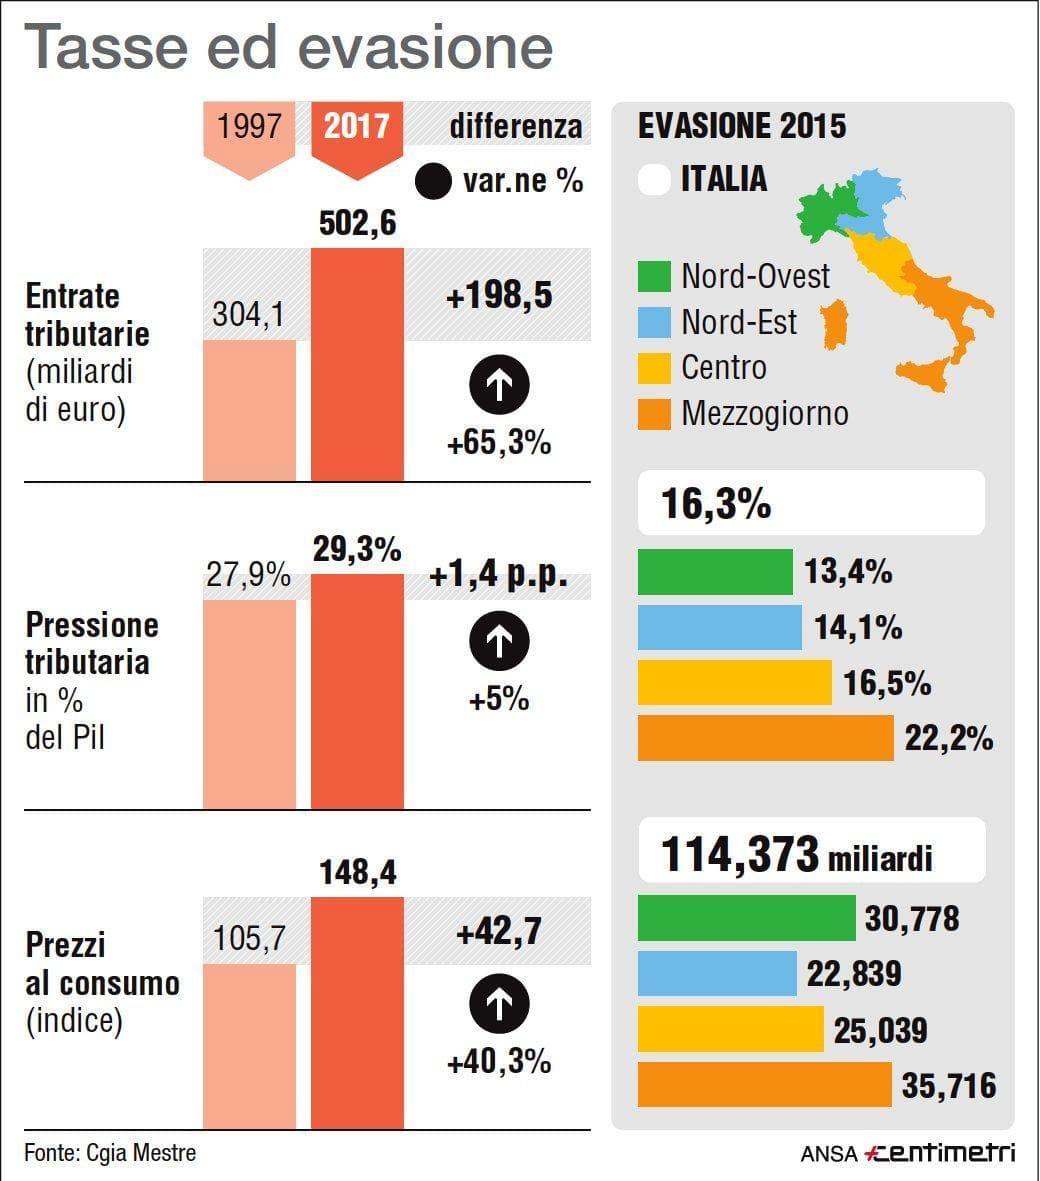 evasione fiscale infografica-2